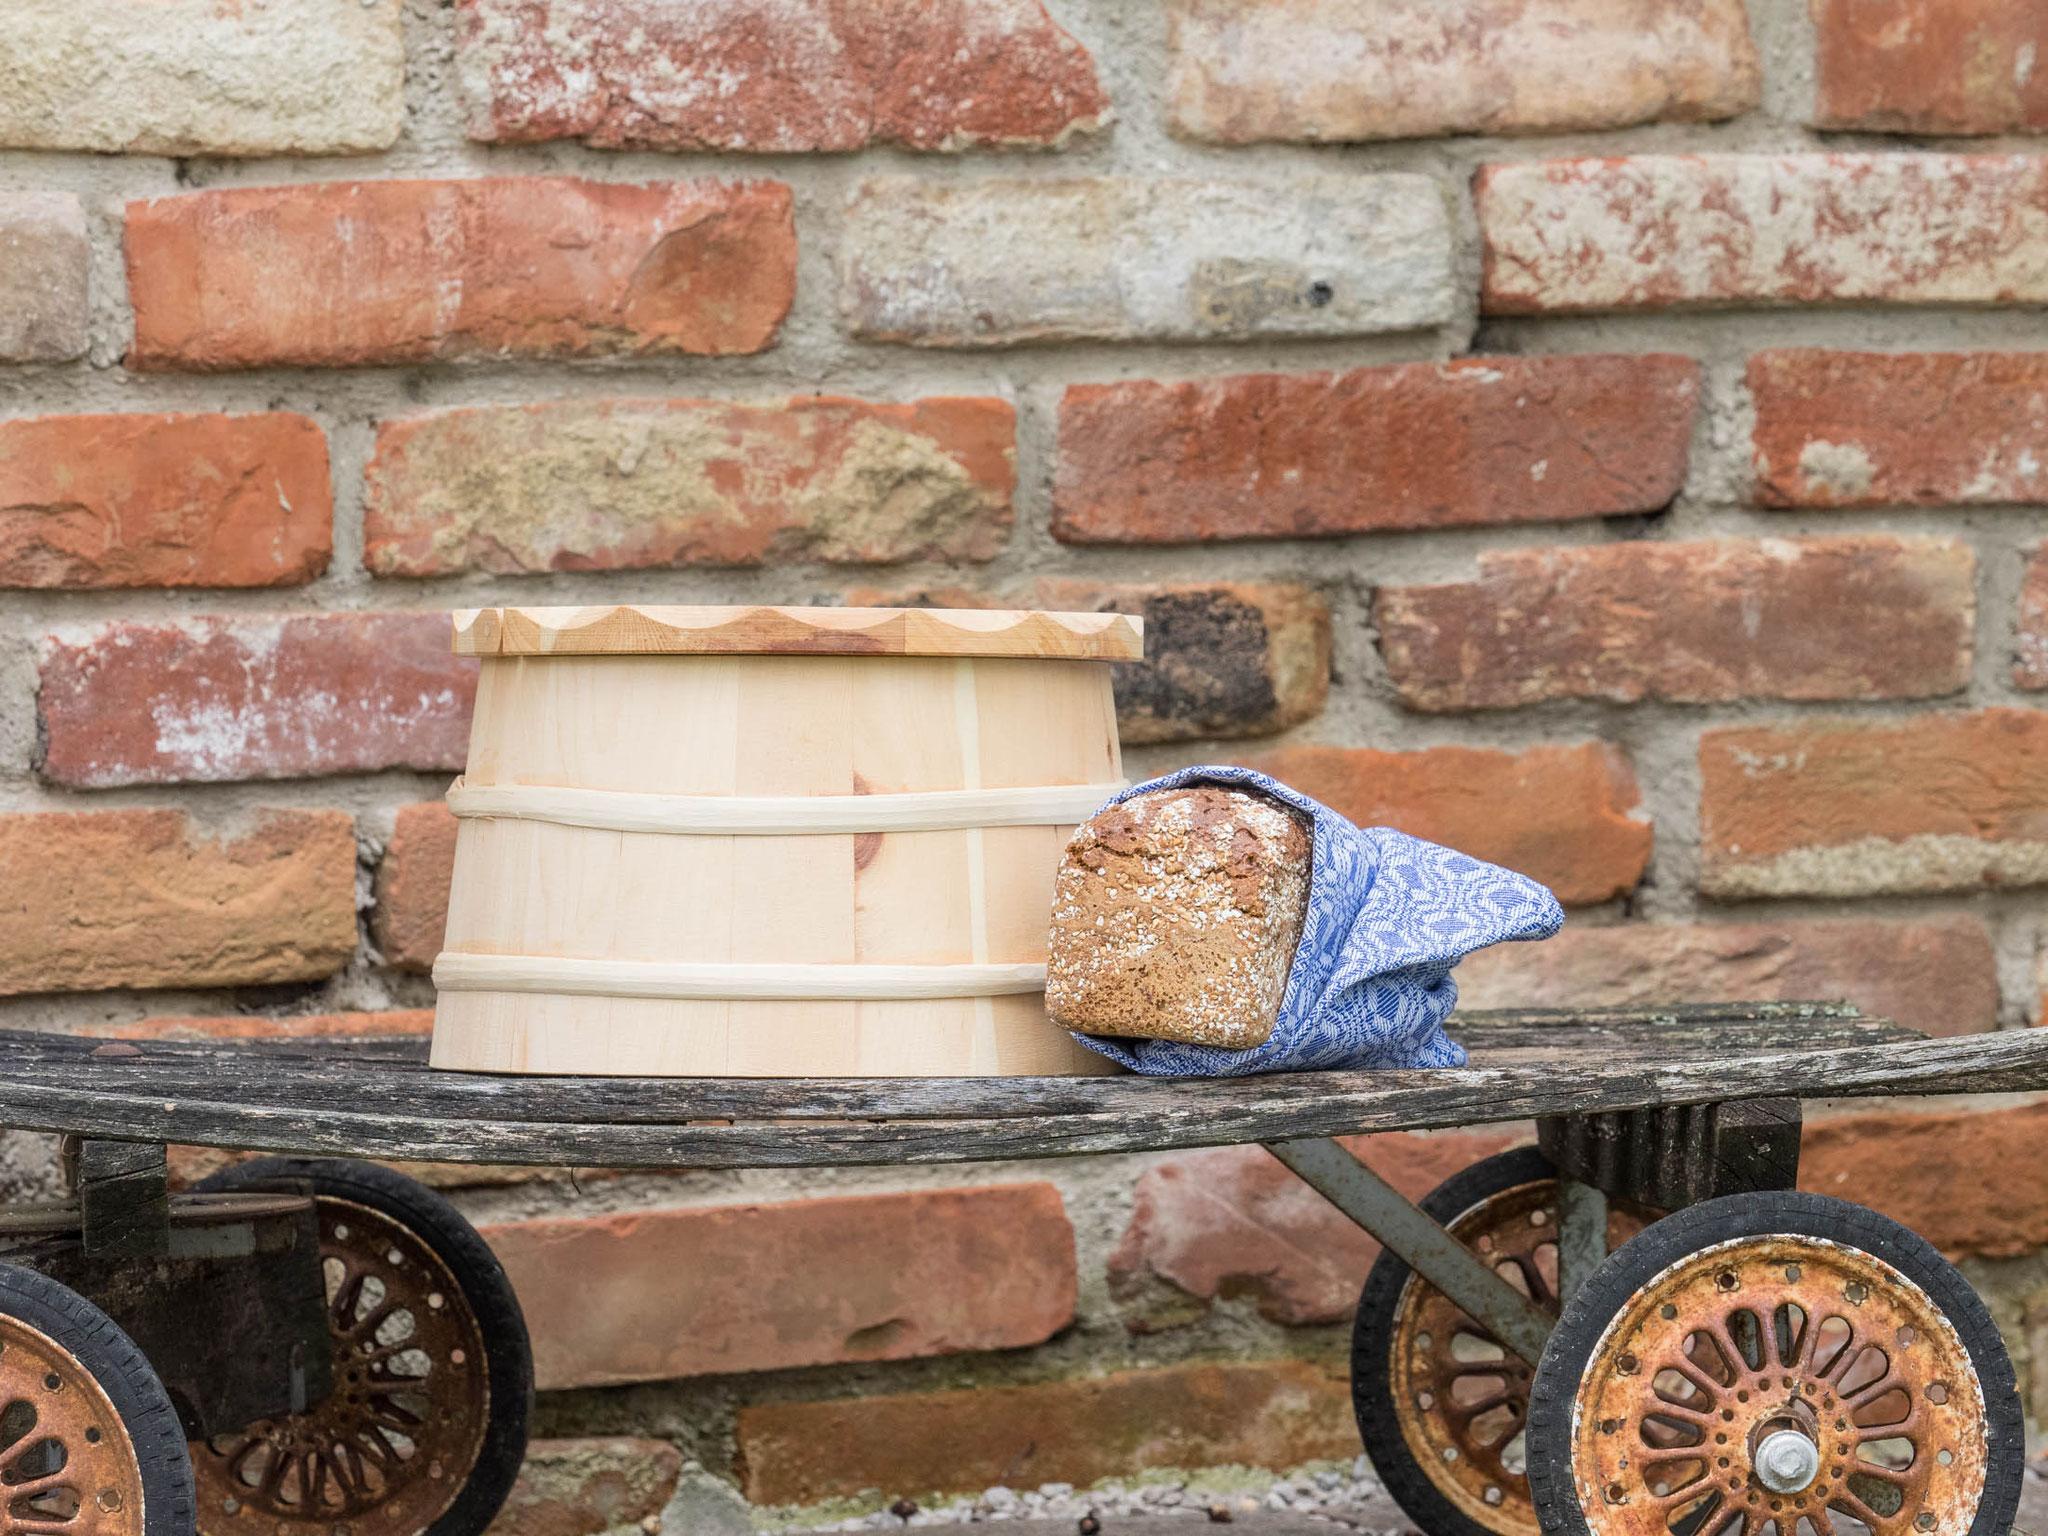 Brotdose für den 1-3 Personen Haushalt